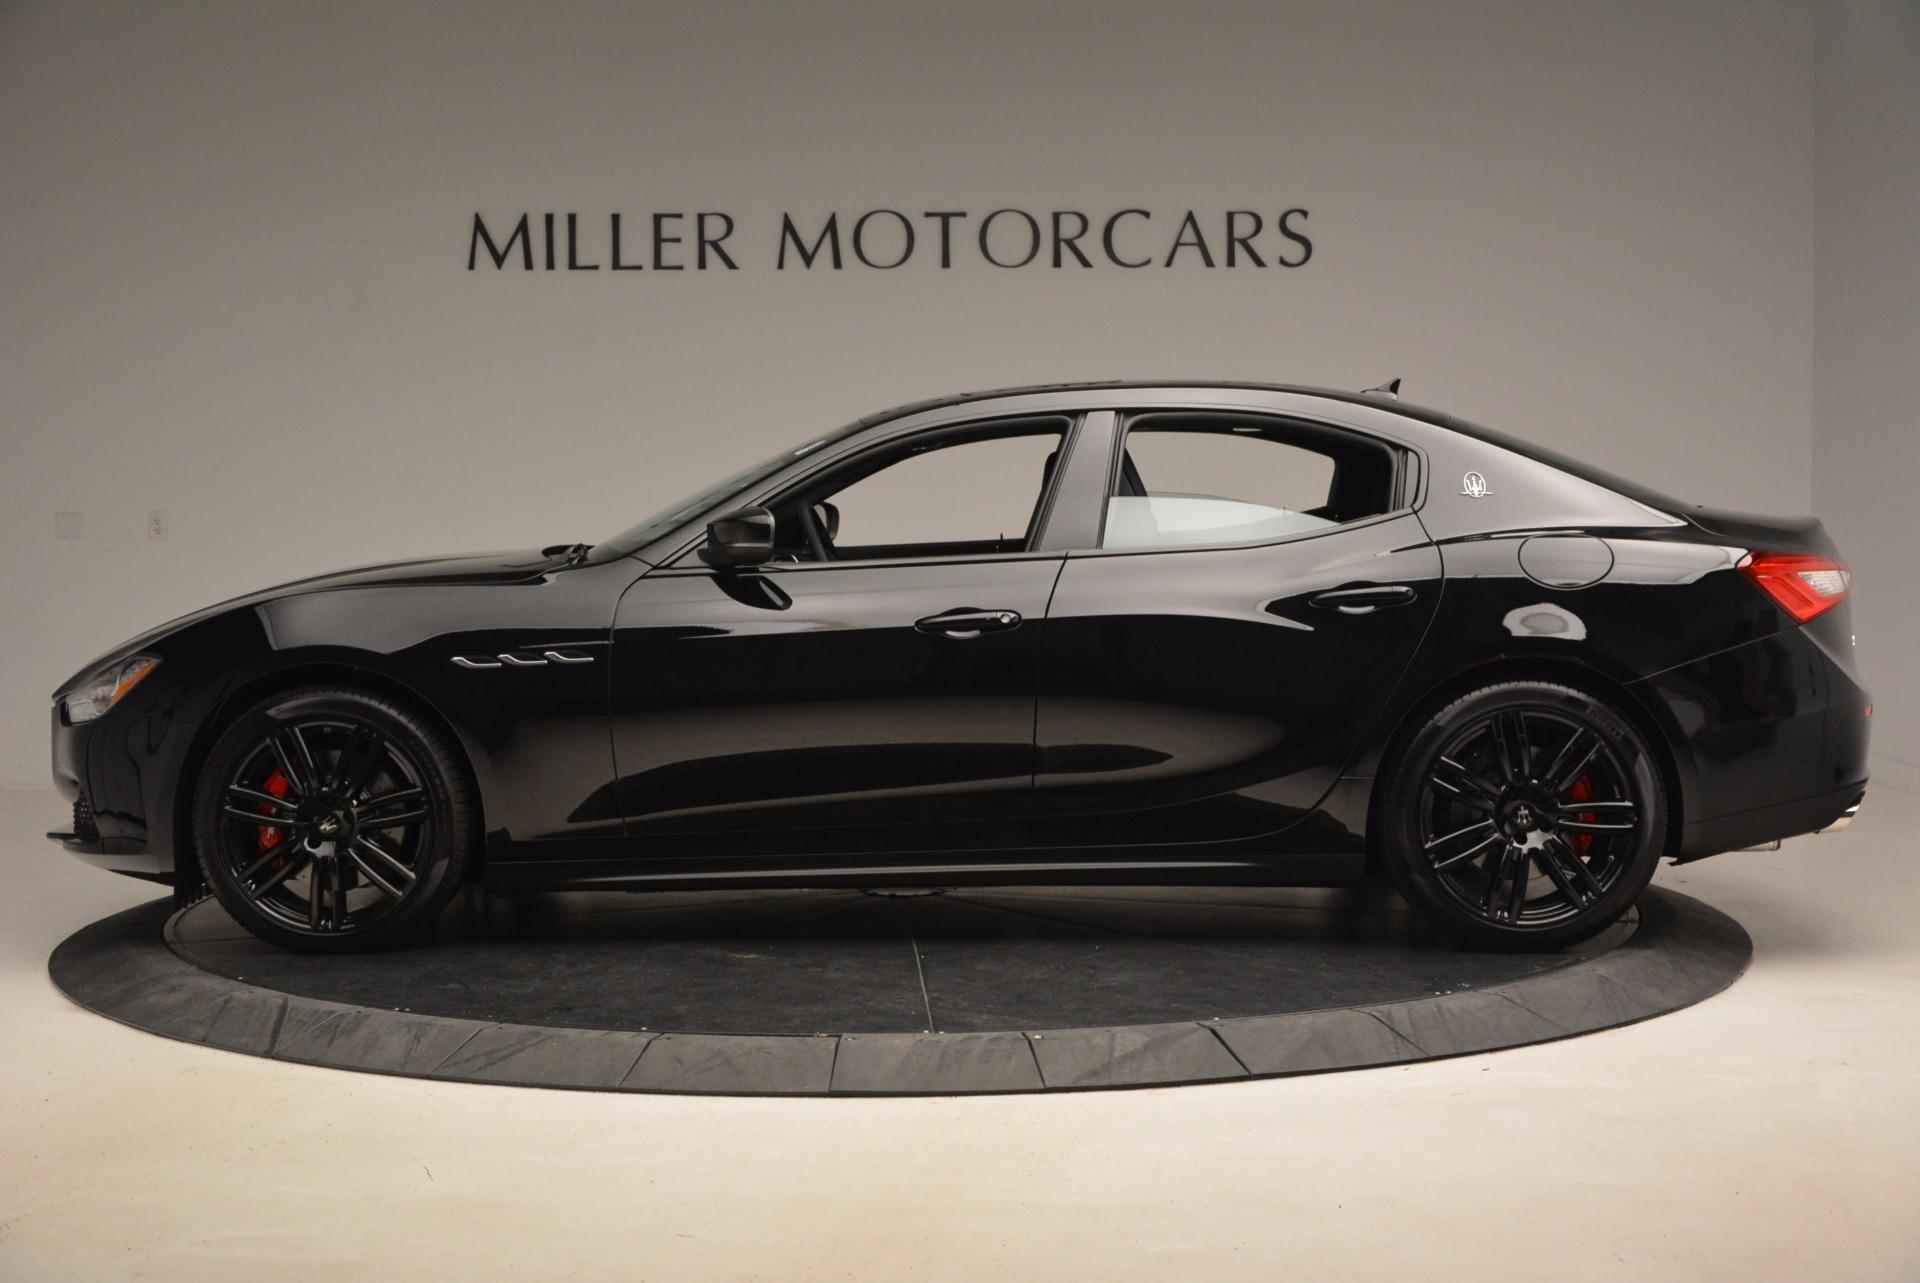 New 2017 Maserati Ghibli Nerissimo Edition S Q4 For Sale In Greenwich, CT 1391_p3